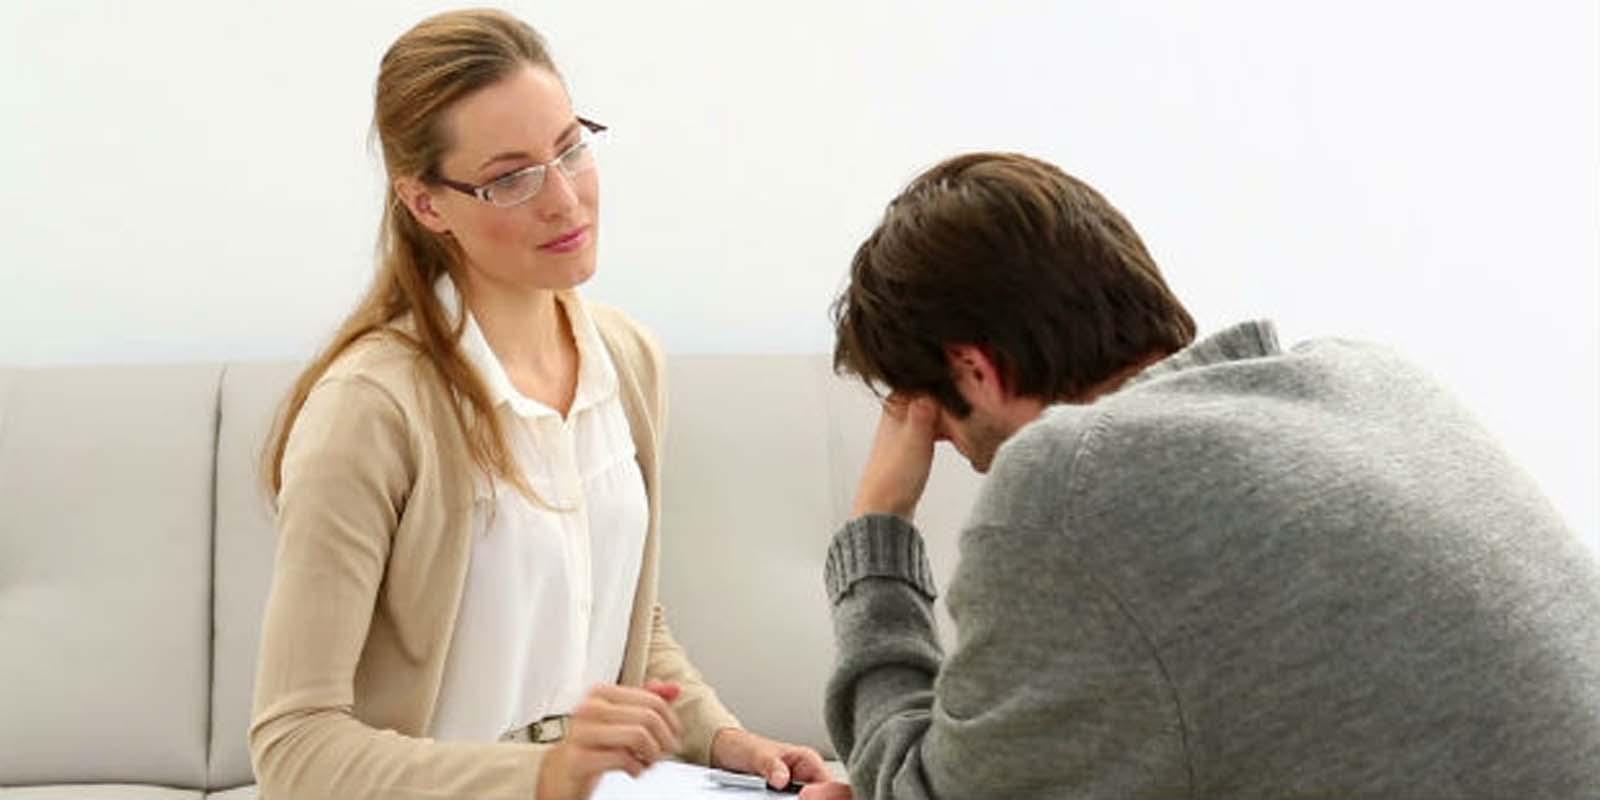 Ergenlikte ve gençlerde görülen anksiyete nedir? Belirtileri nedir? Nasıl tedavi edilir?